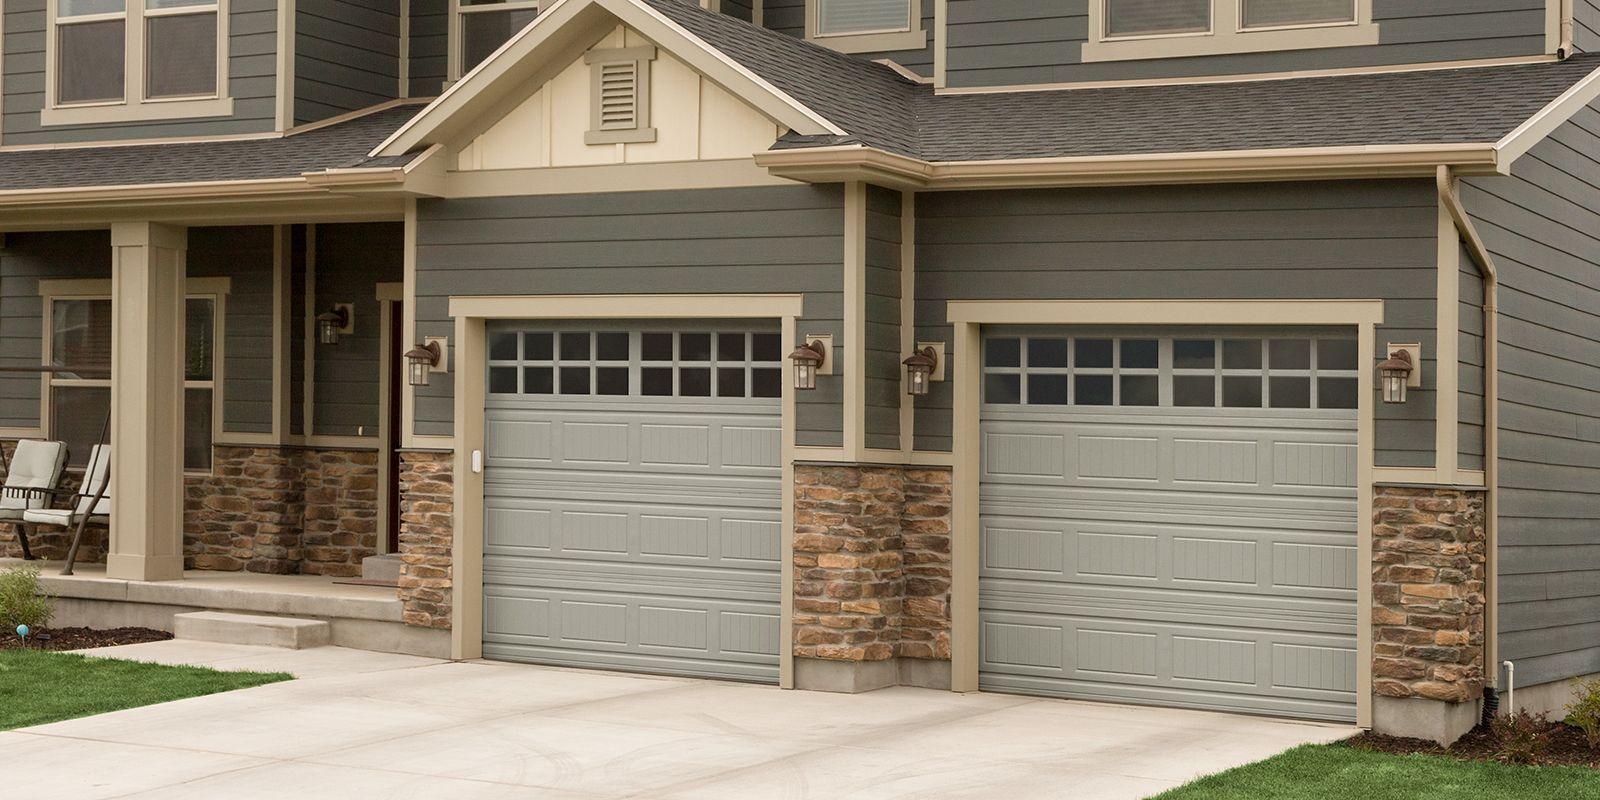 World's Finest, Safest Doors | Martin Garage Doors